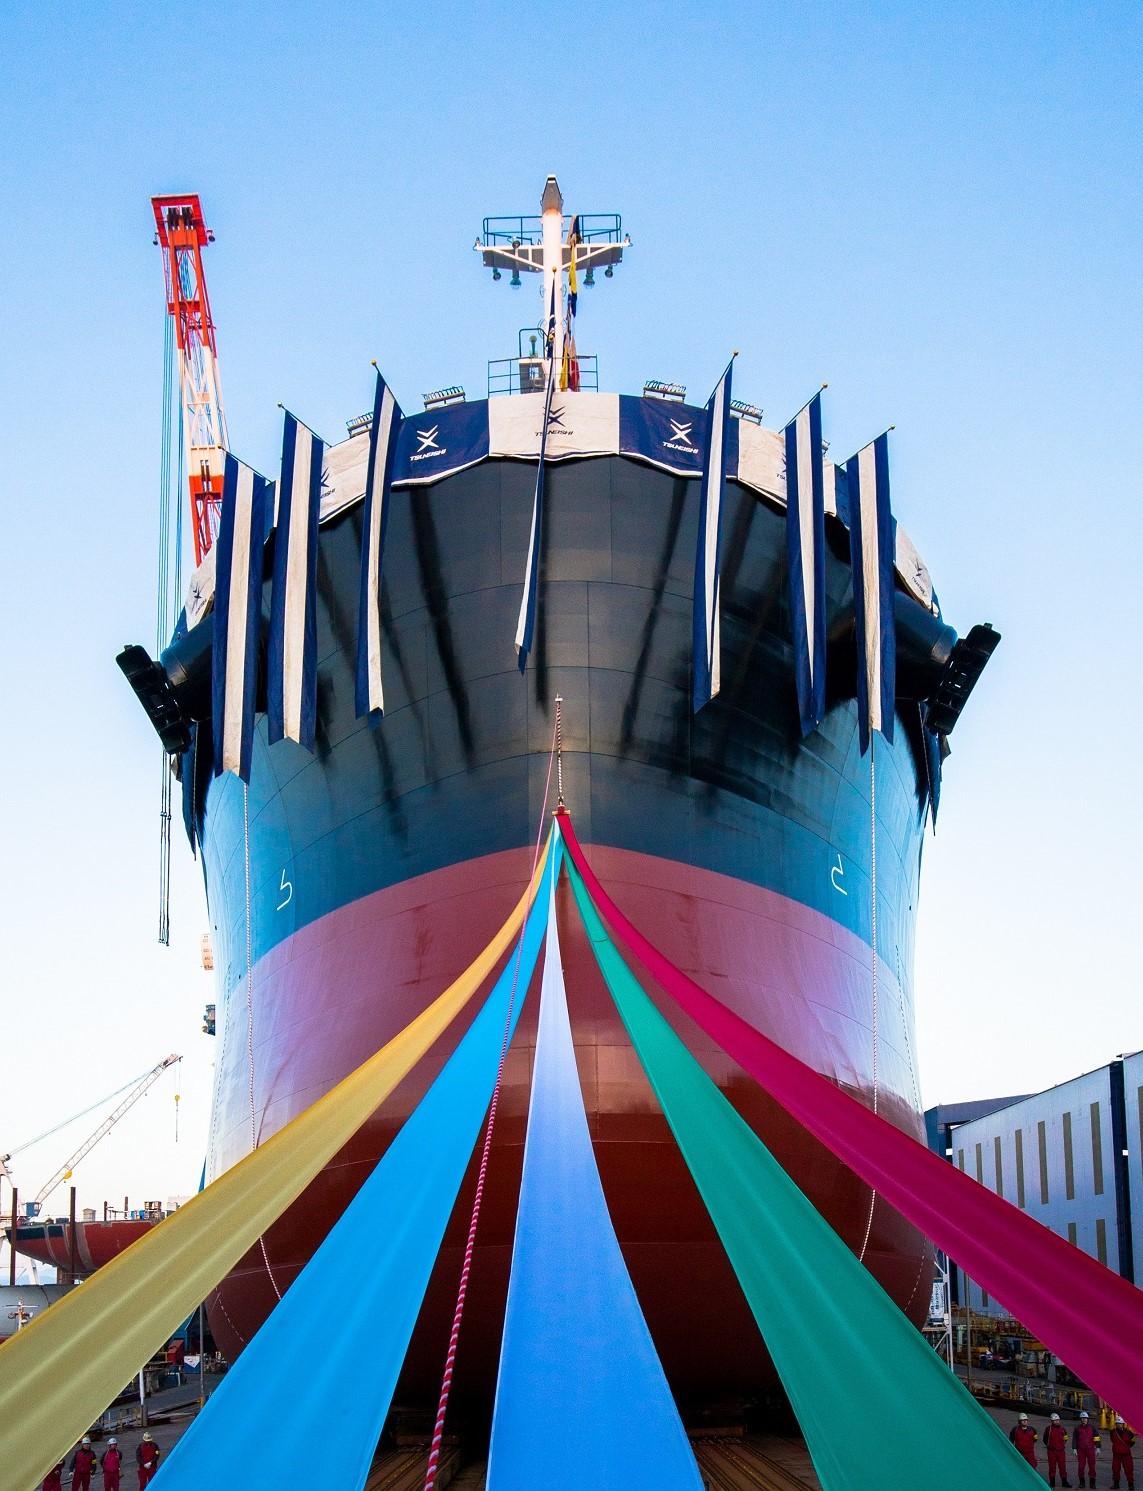 2018年4月9日,现场直播8万吨级散货船进水仪式~常石造船 广岛县福山市 常石工厂 第一船台